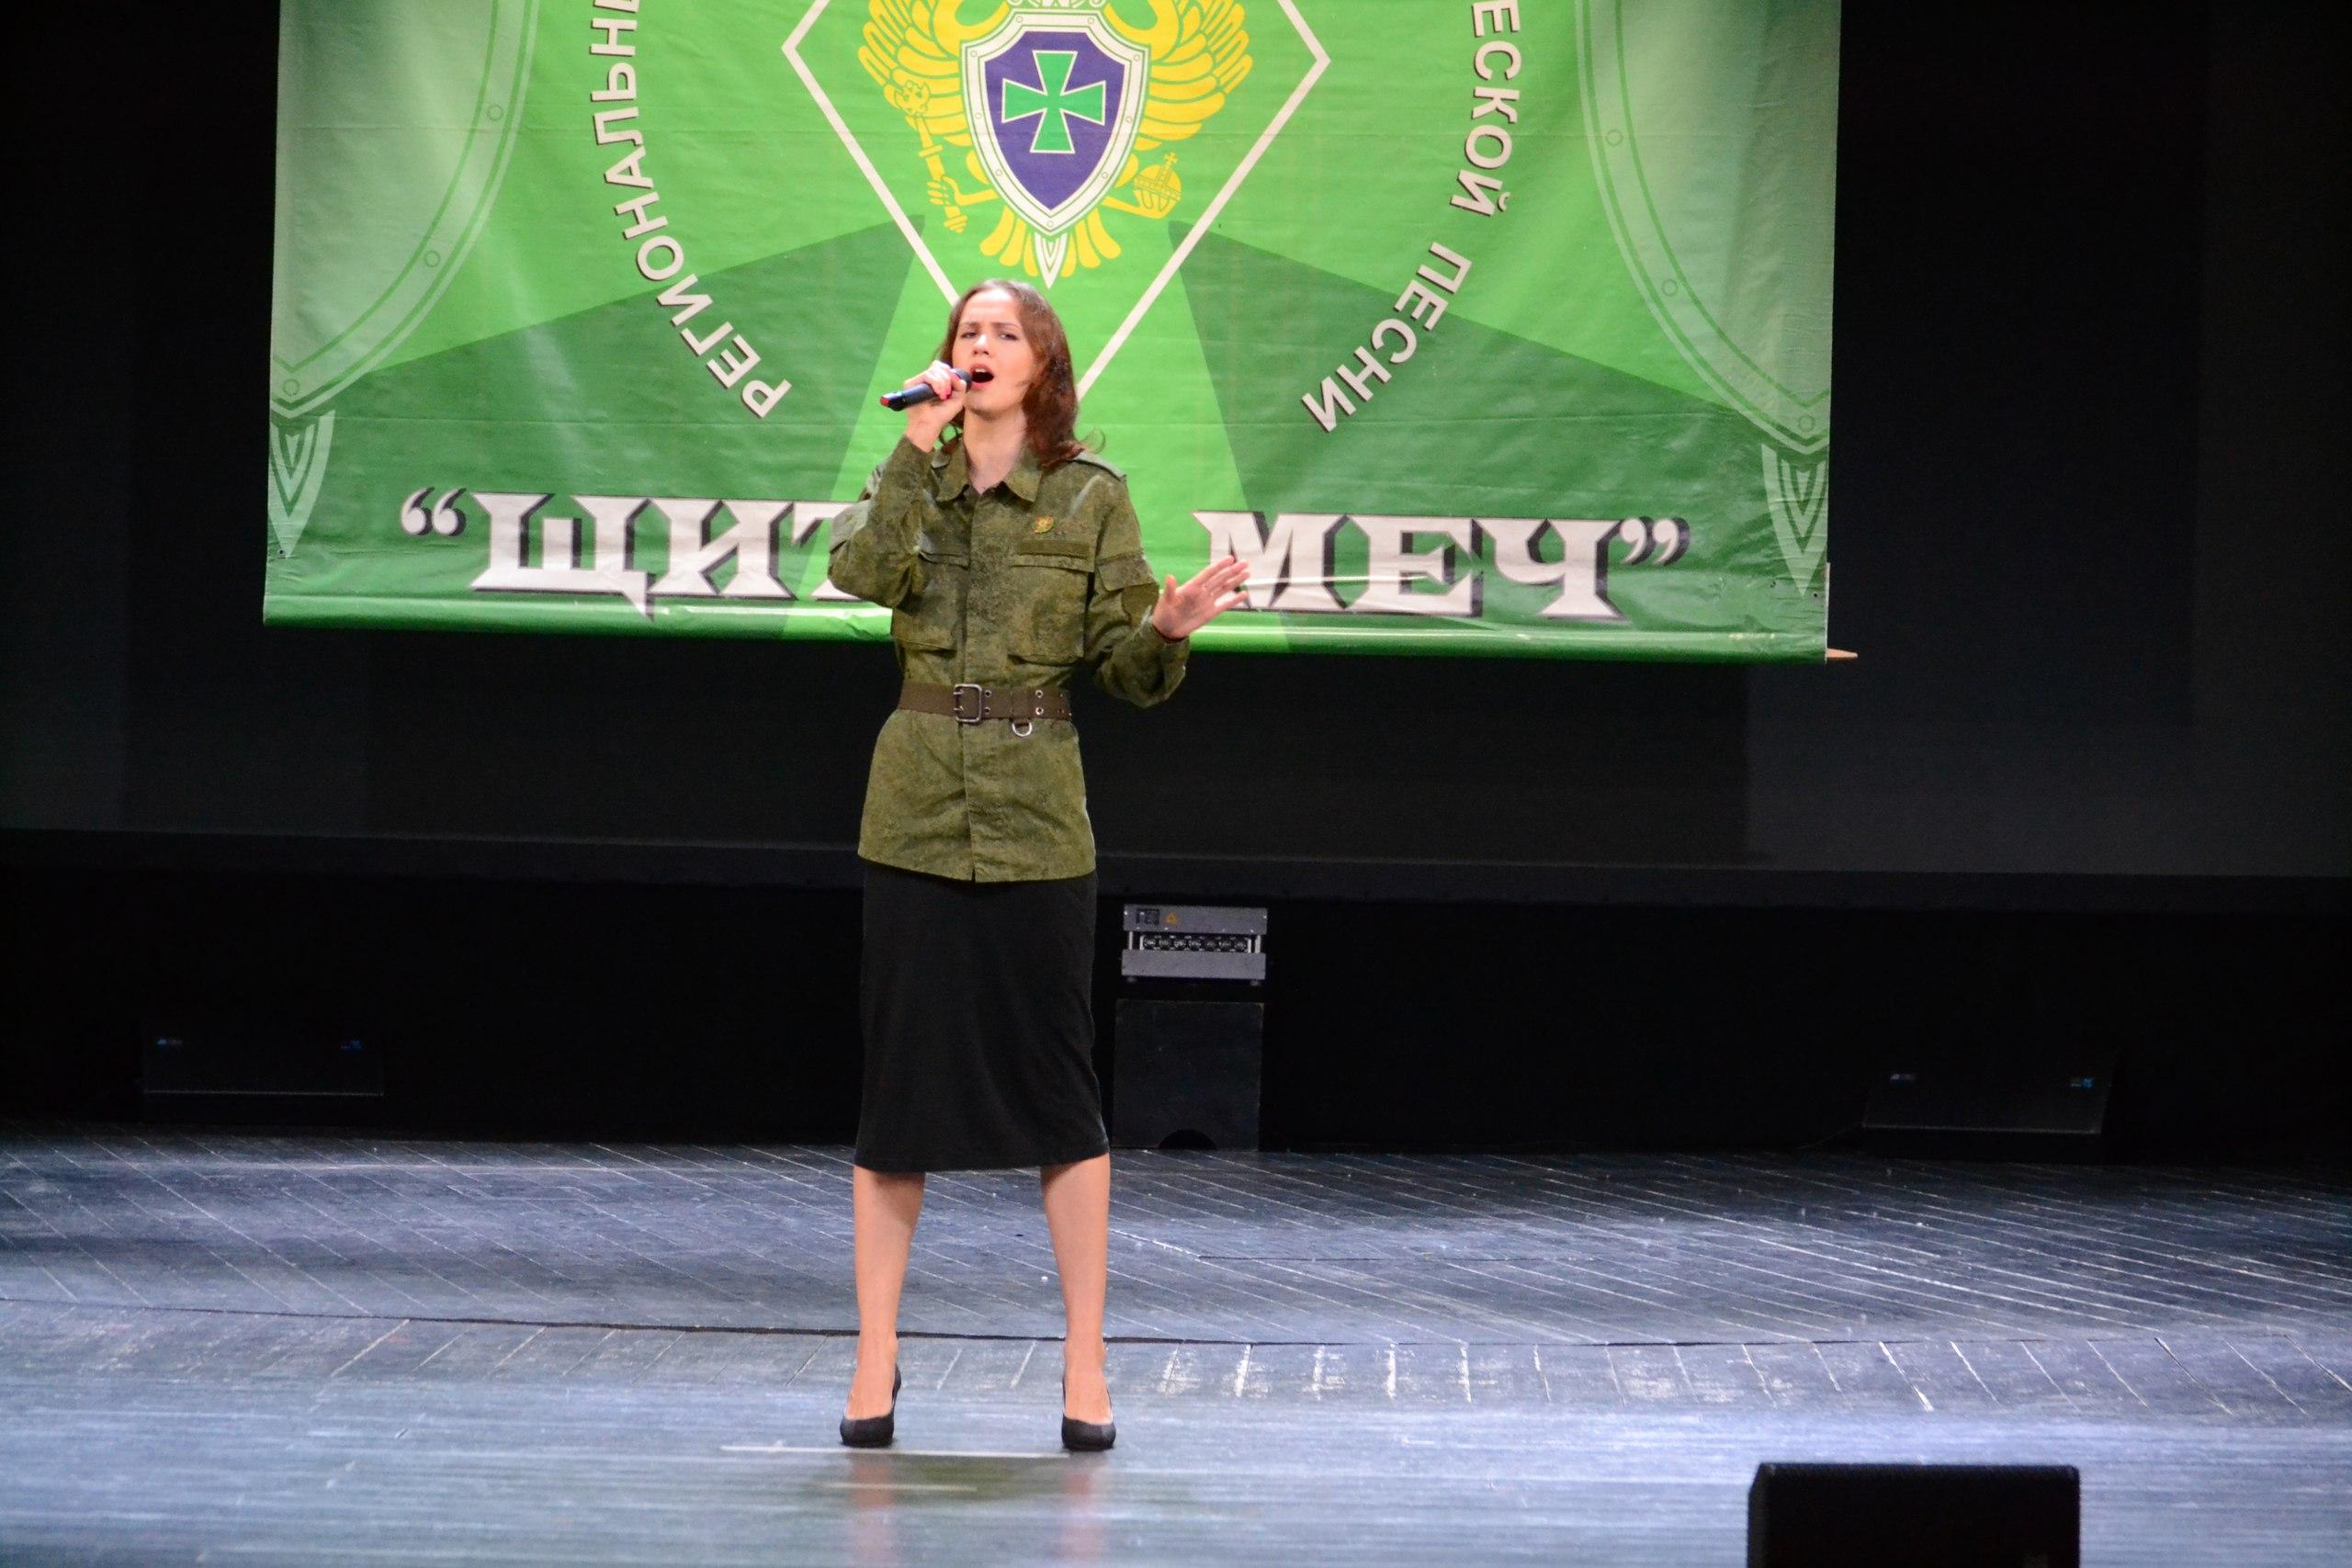 Региональный фестиваль военно-патриотической песни «ЩИТ И МЕЧ»